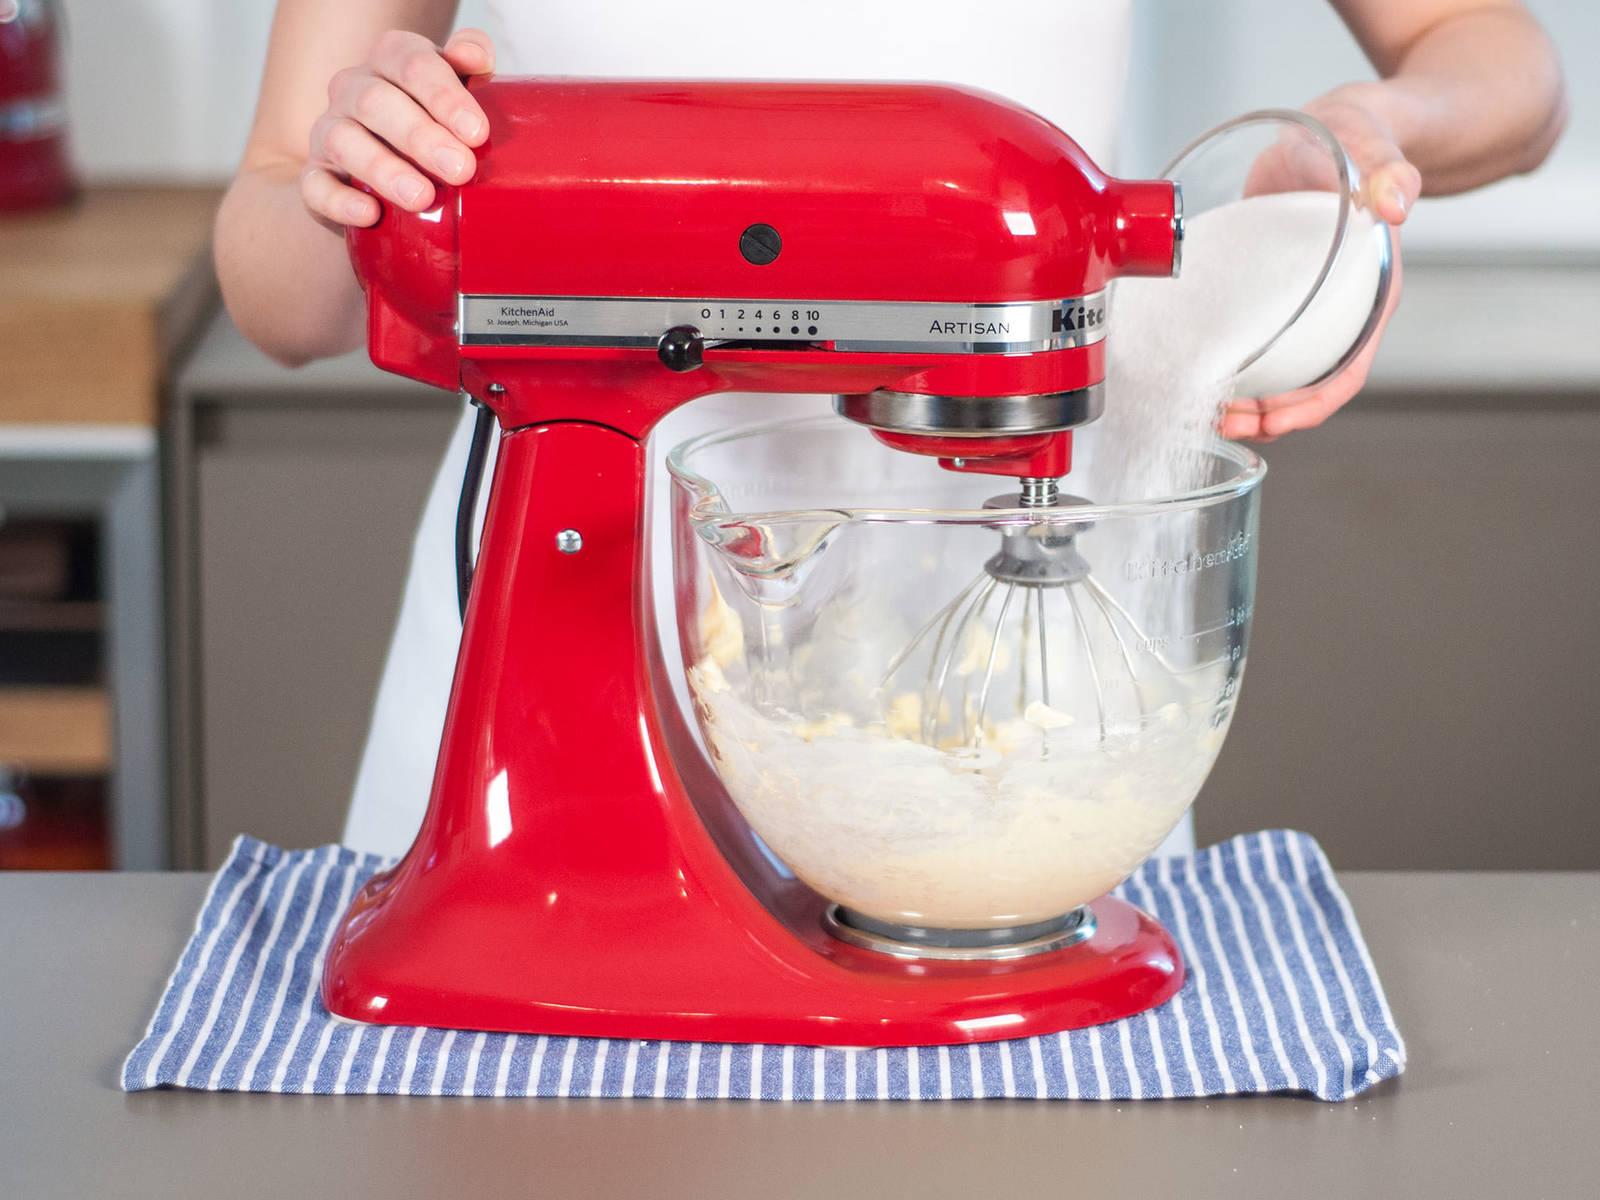 预热烤箱至180摄氏度。将黄油放入立式搅拌机中搅拌至柔滑,加入糖后继续搅拌均匀。